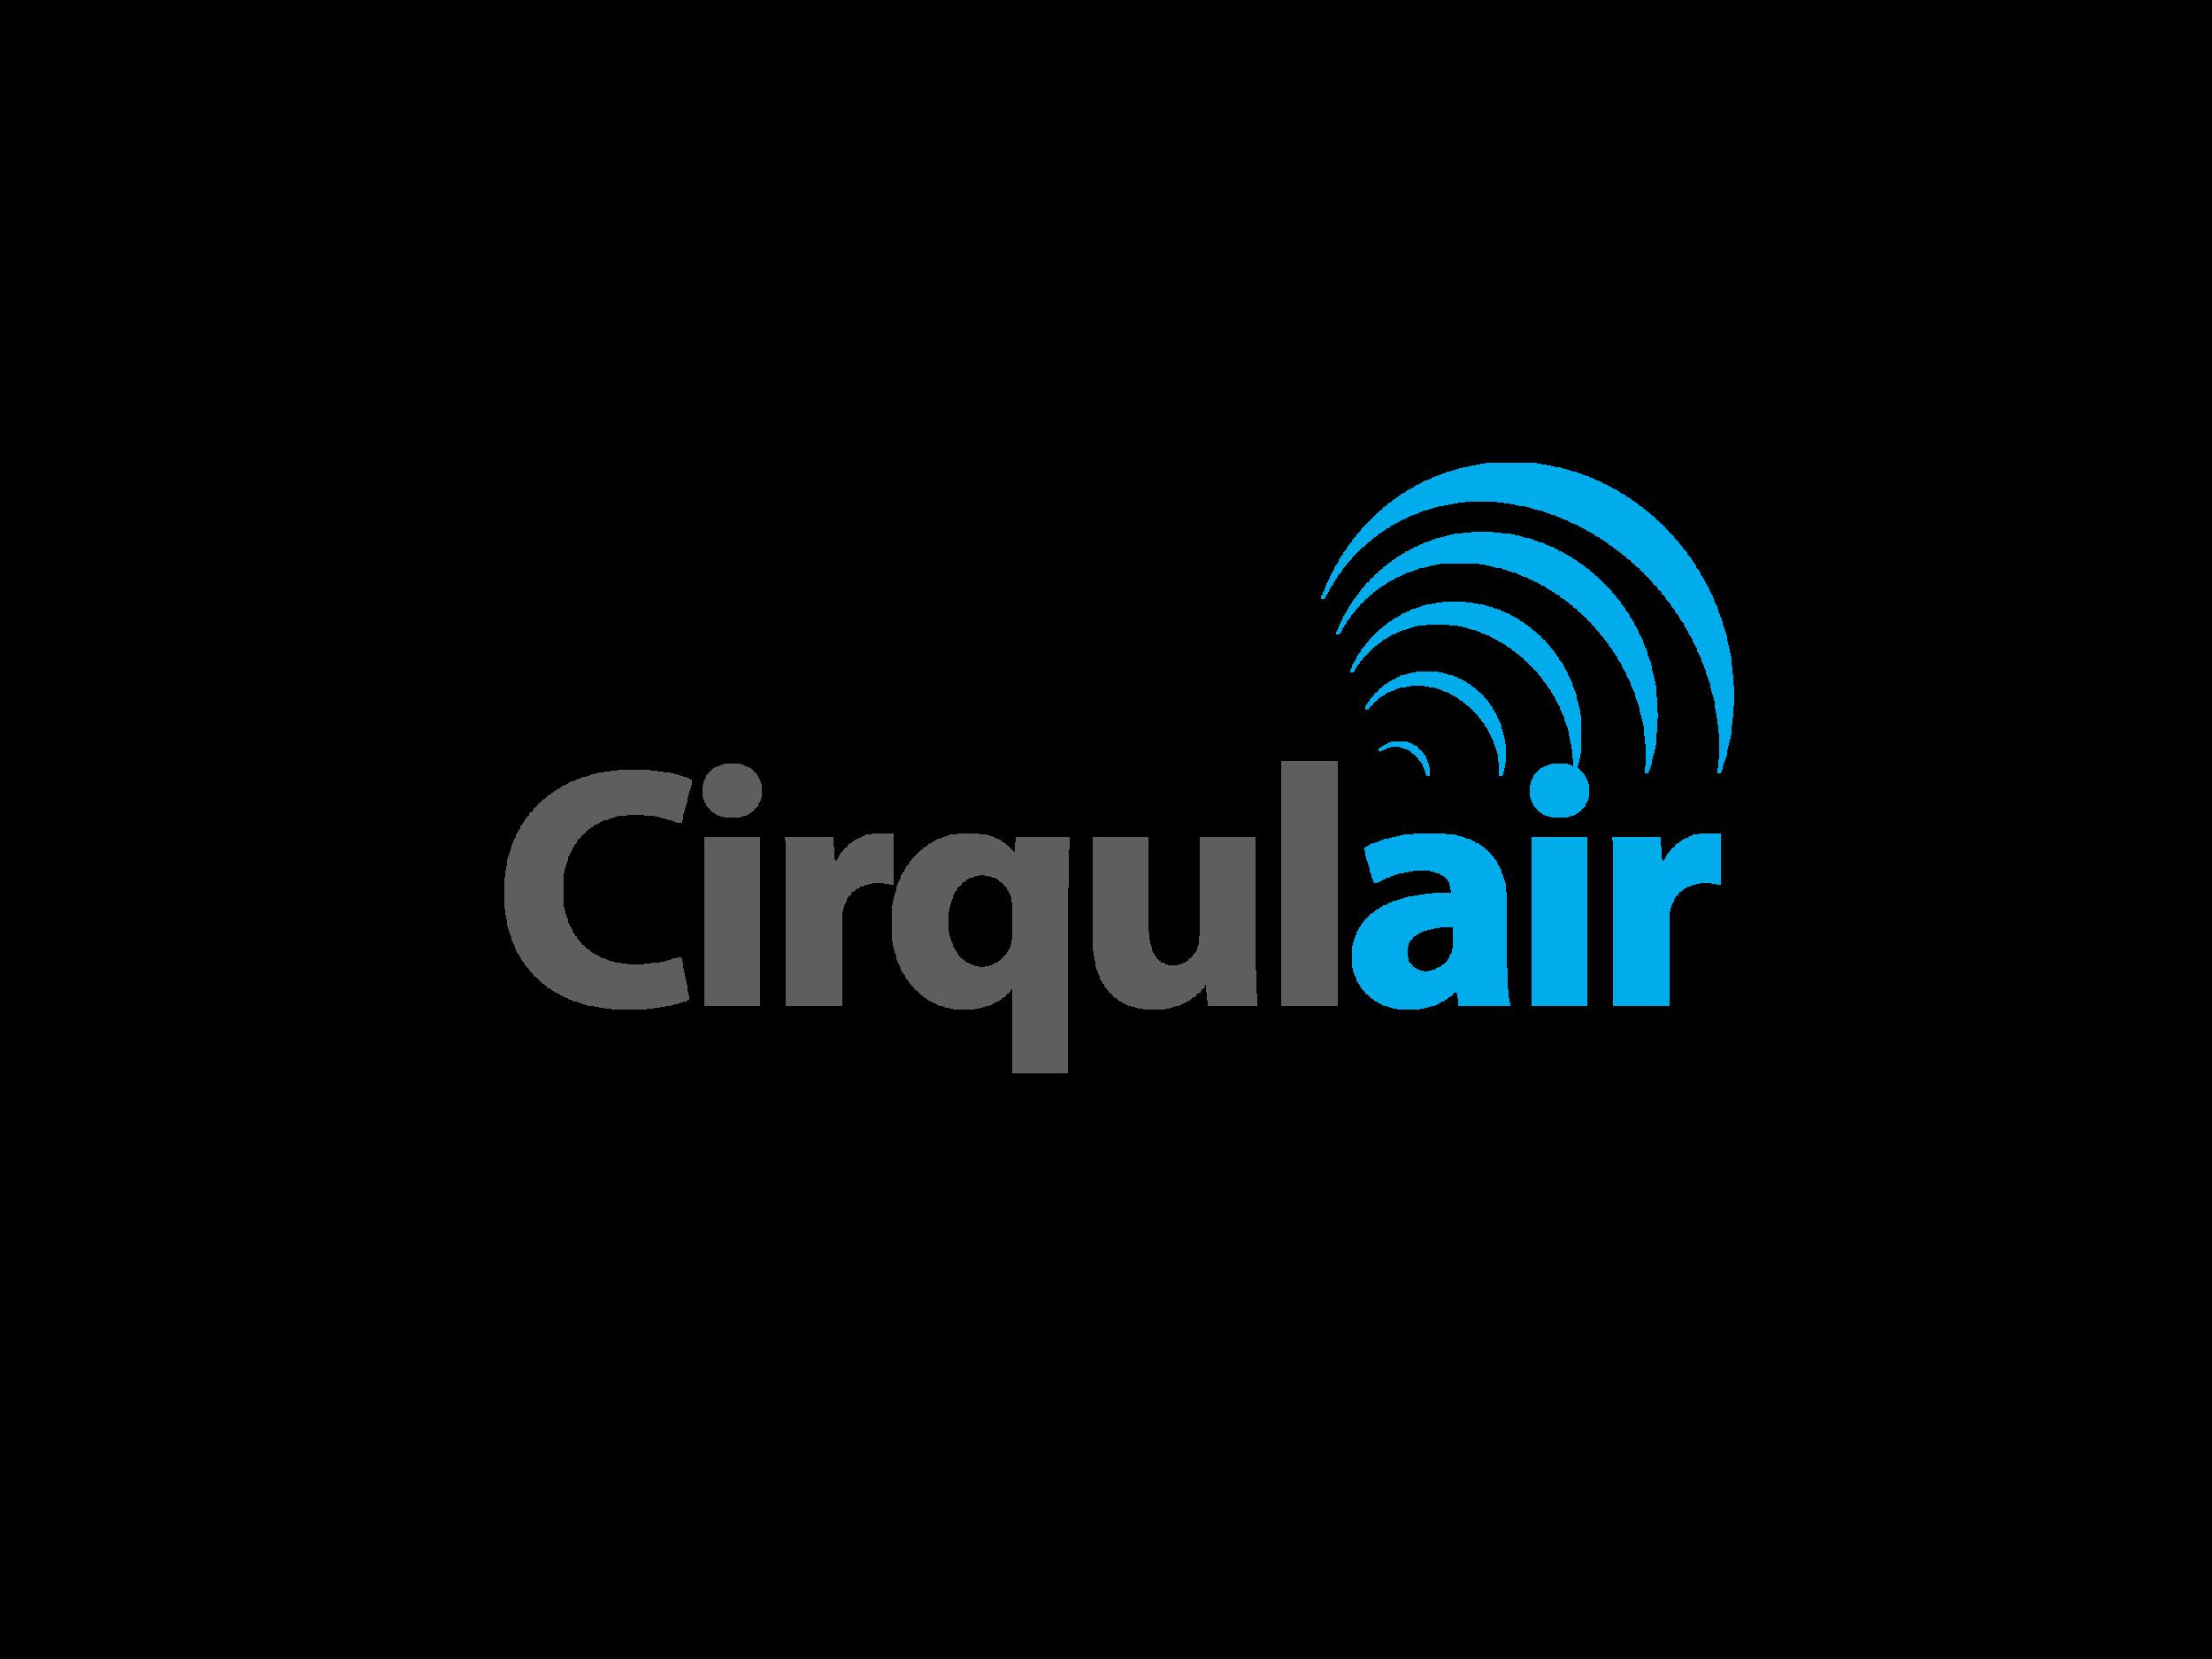 cirqulair_logo_small.png